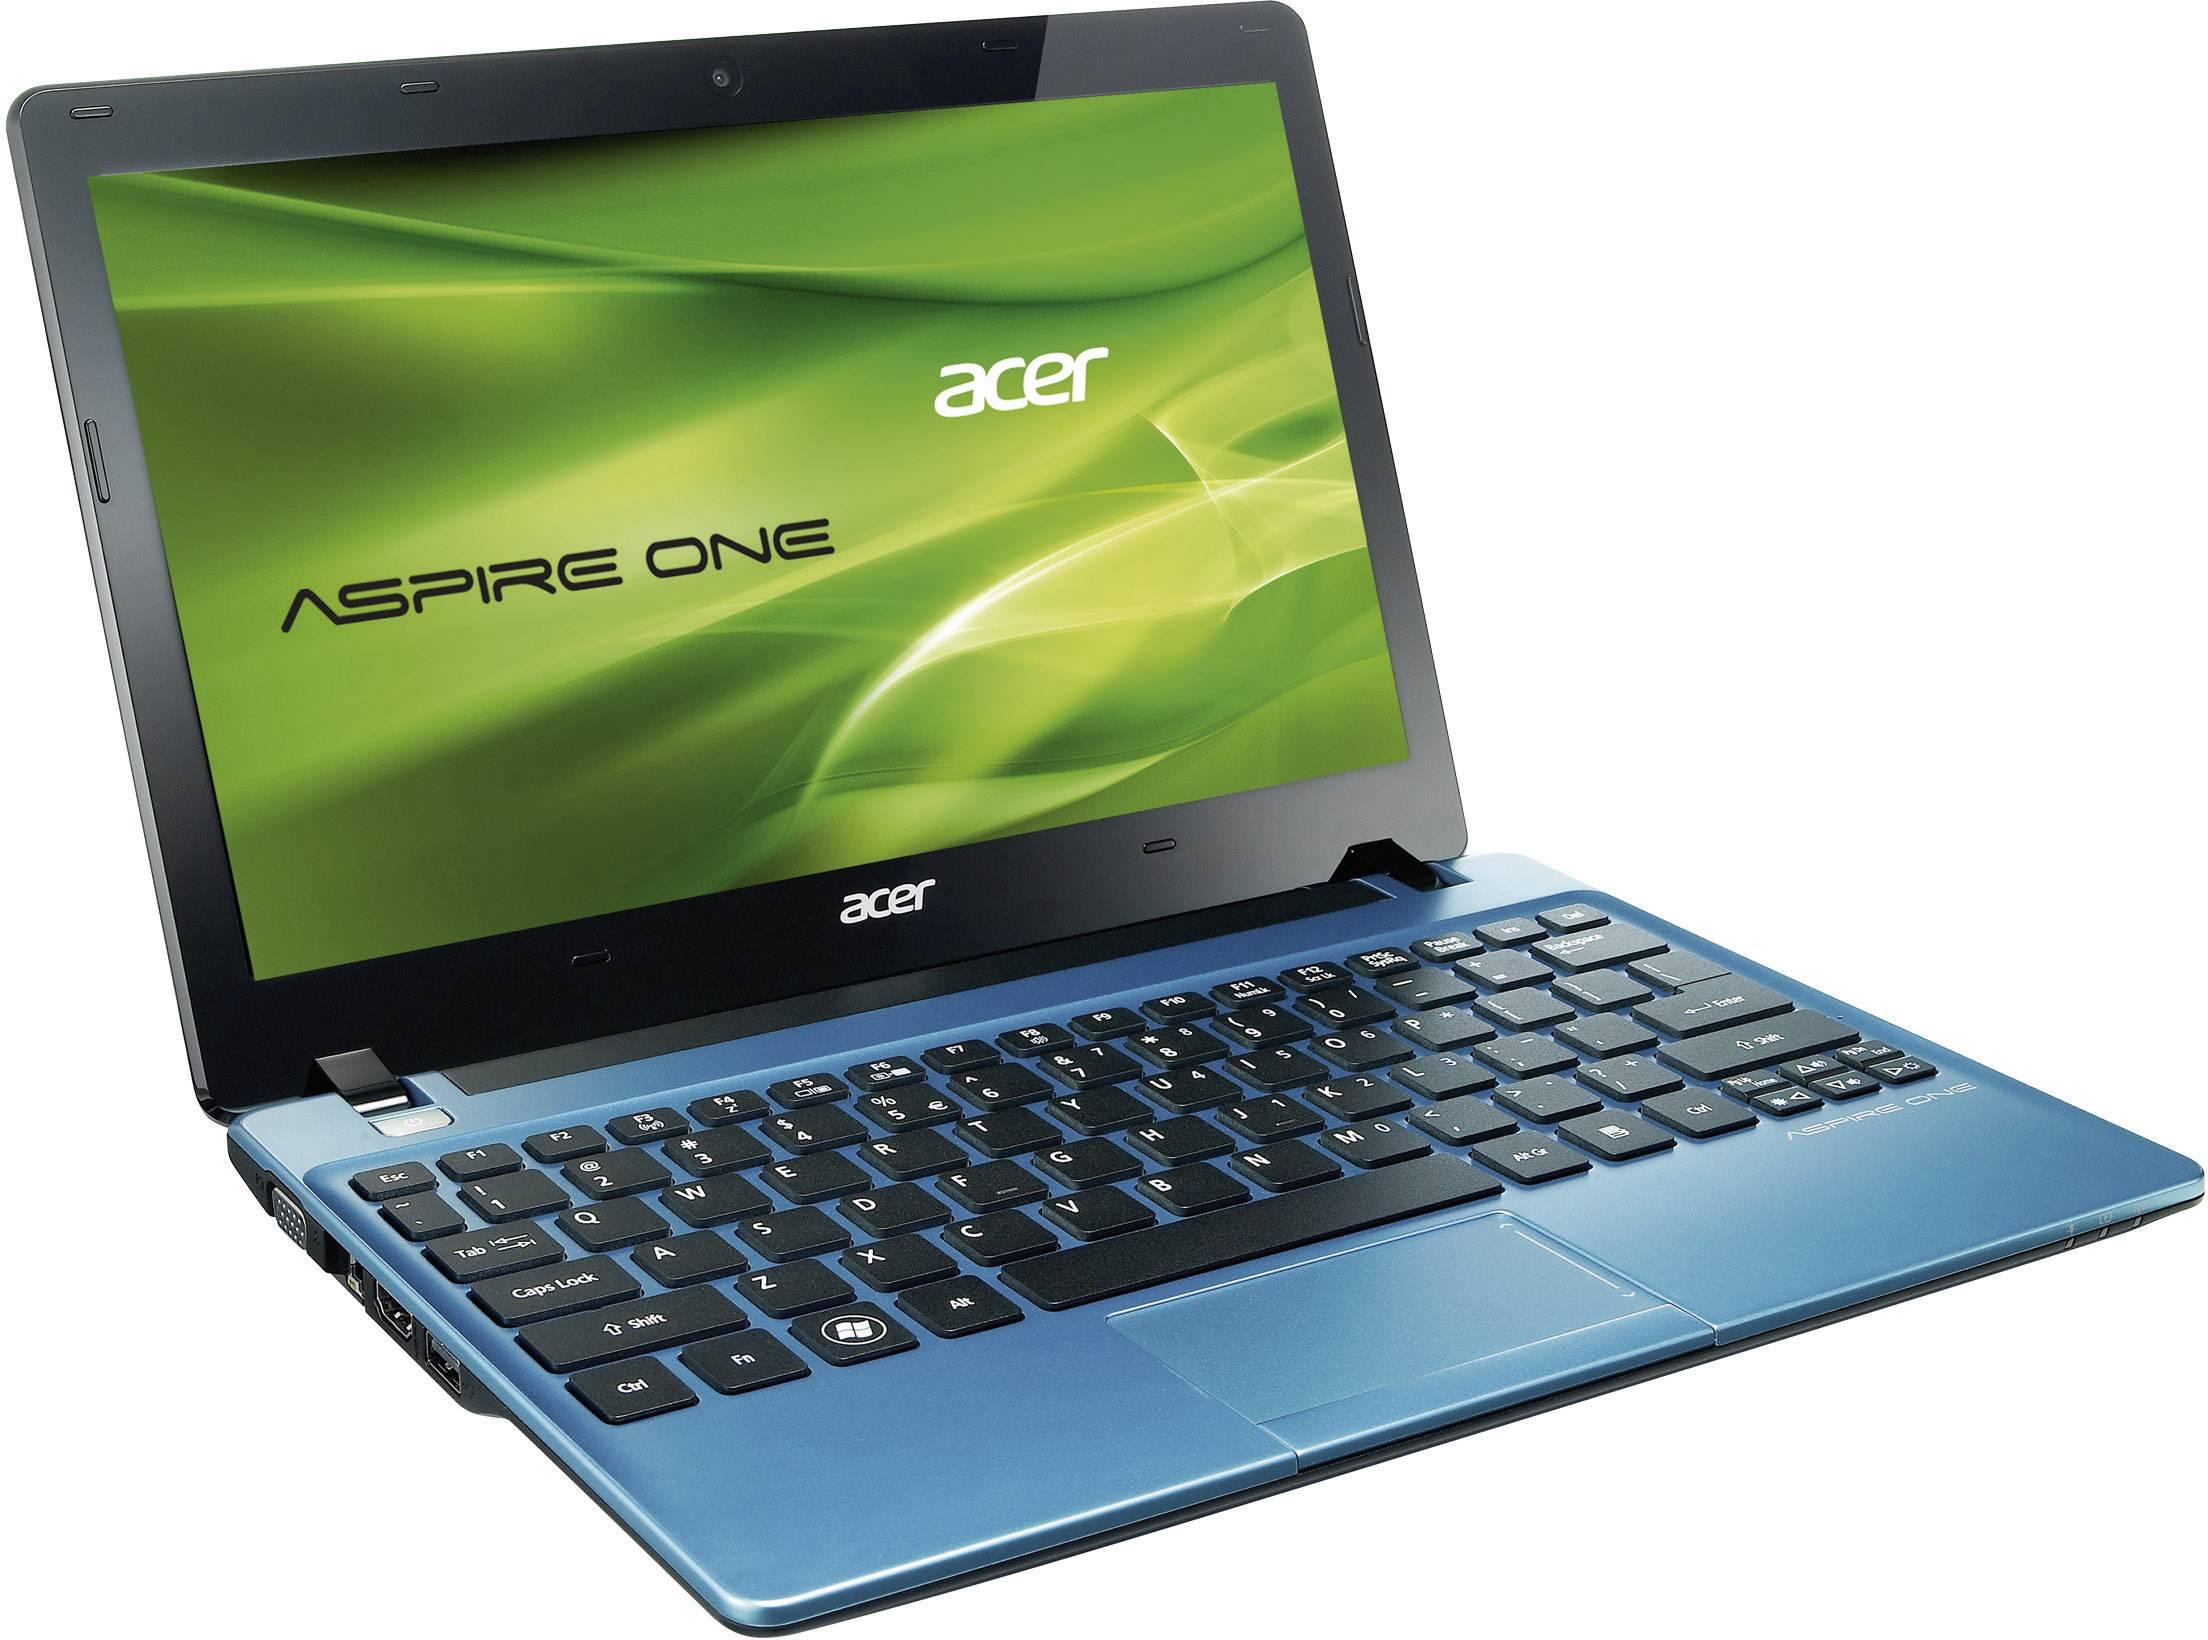 acer aspire one 725 netbook 11 6 blau from conrad com rh conrad com acer aspire one ao725 service manual acer aspire one 725 user manual